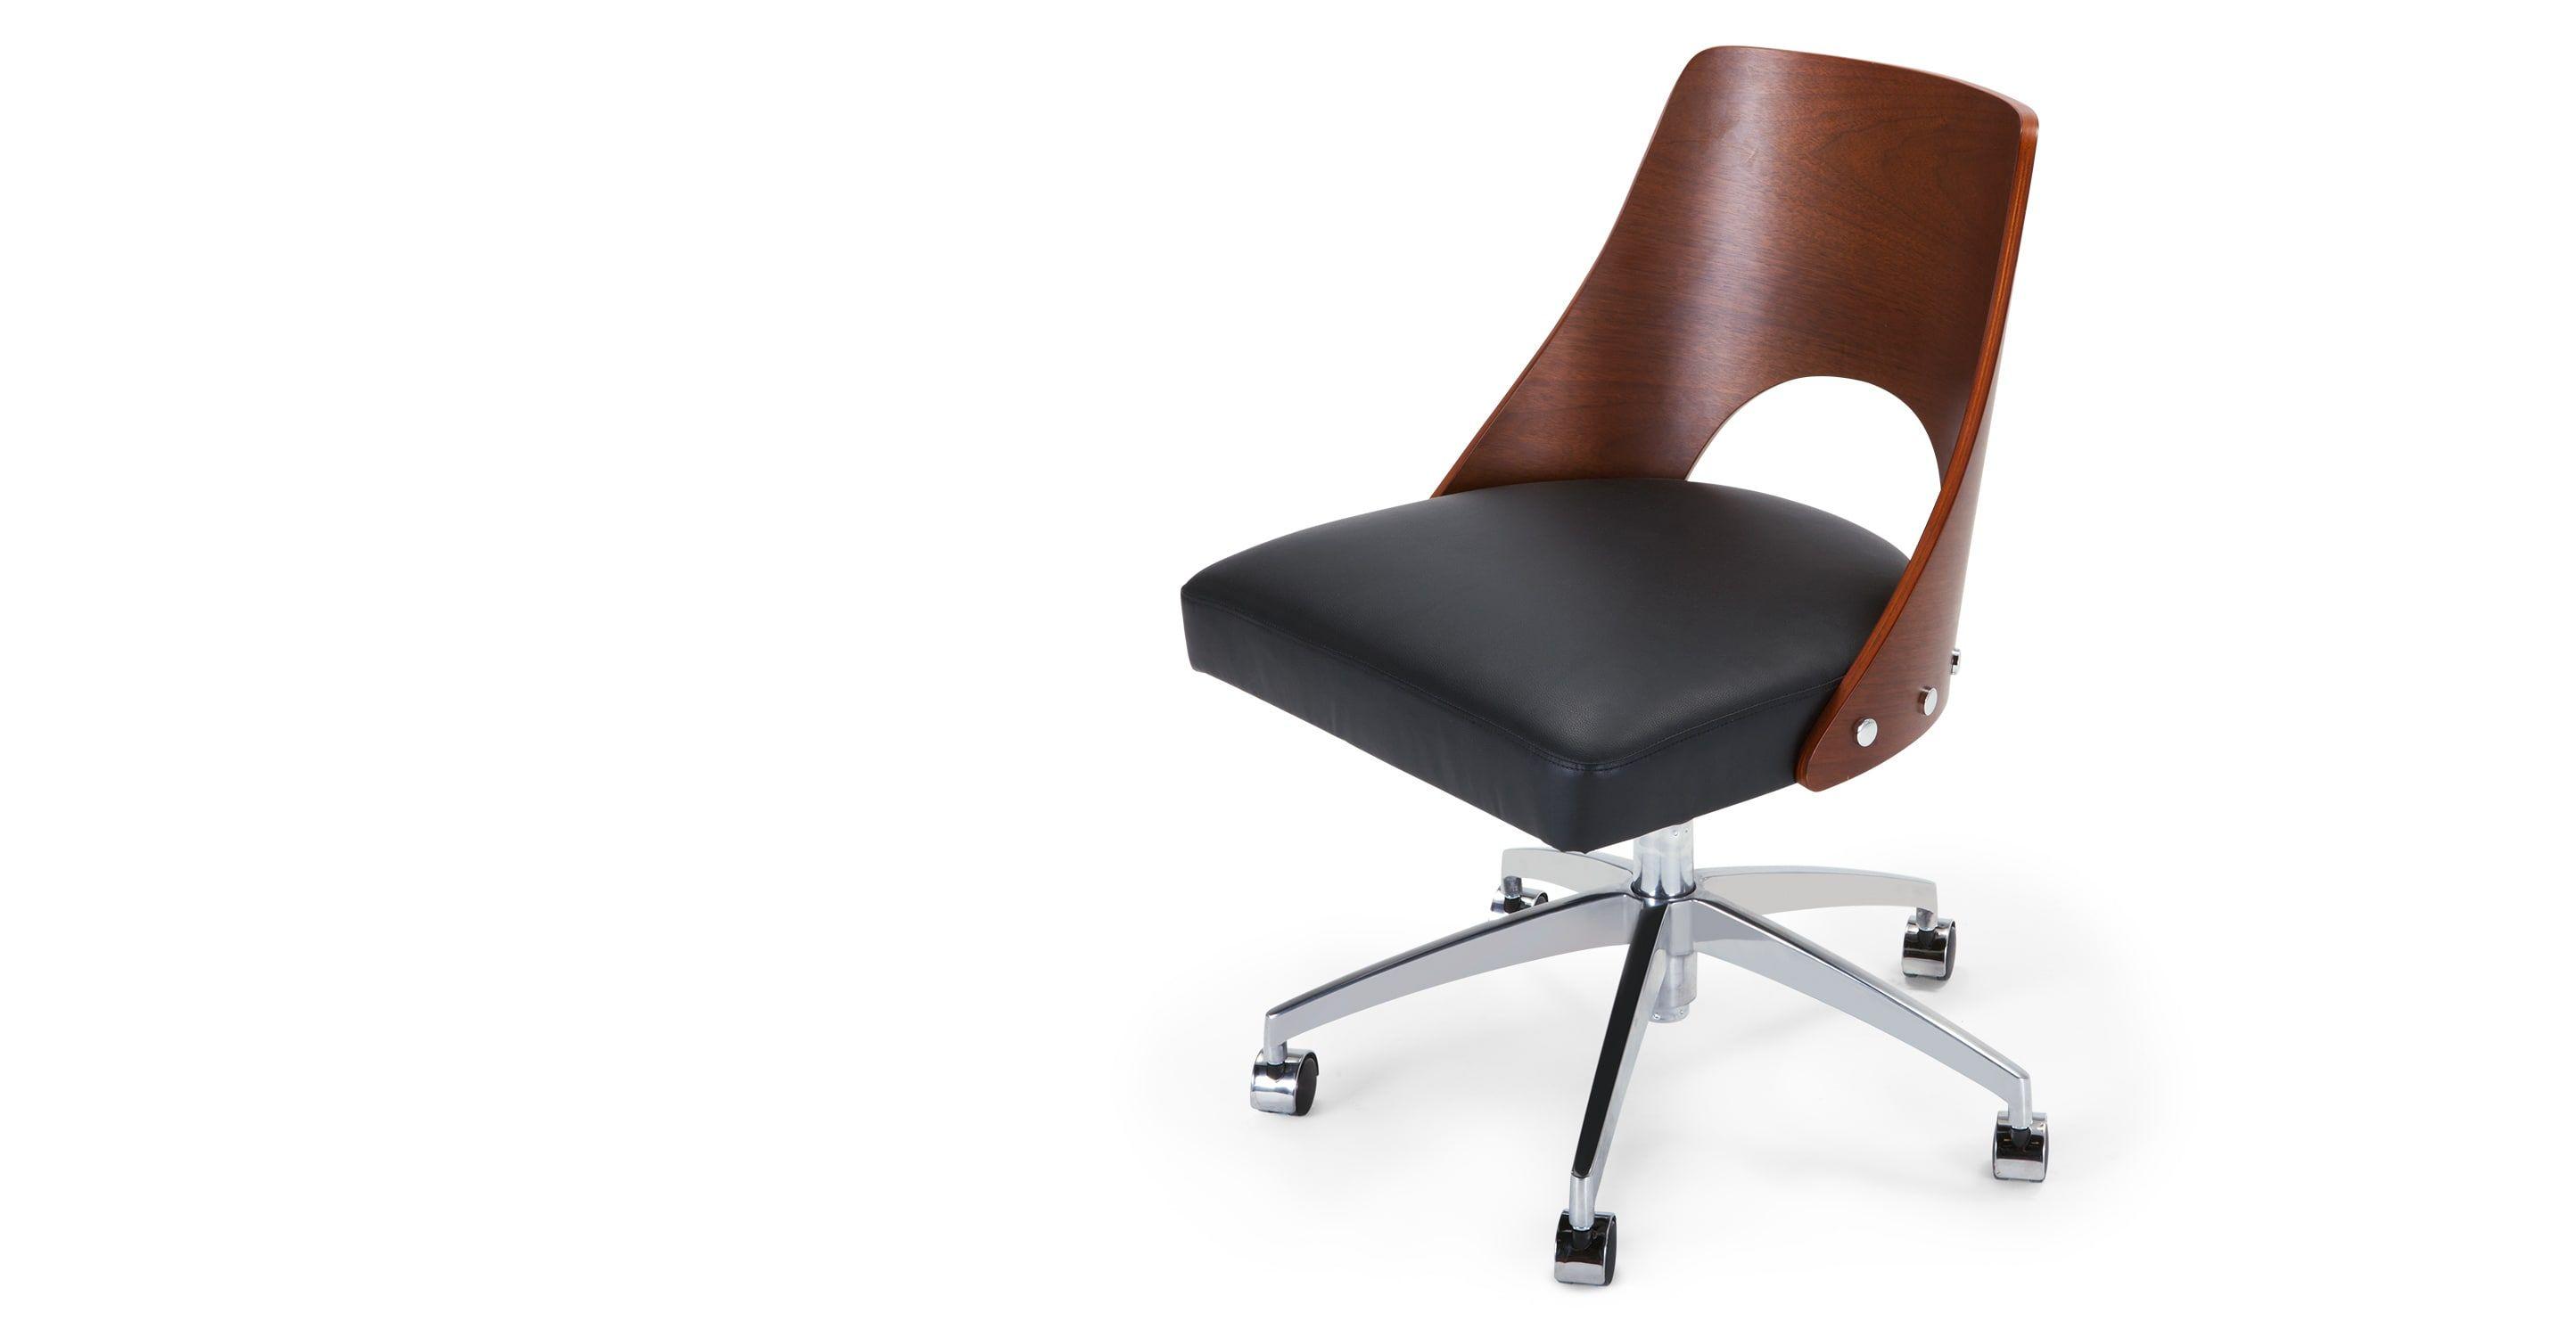 Charmant chaise design noir dans fauteuil de bureau design chaise